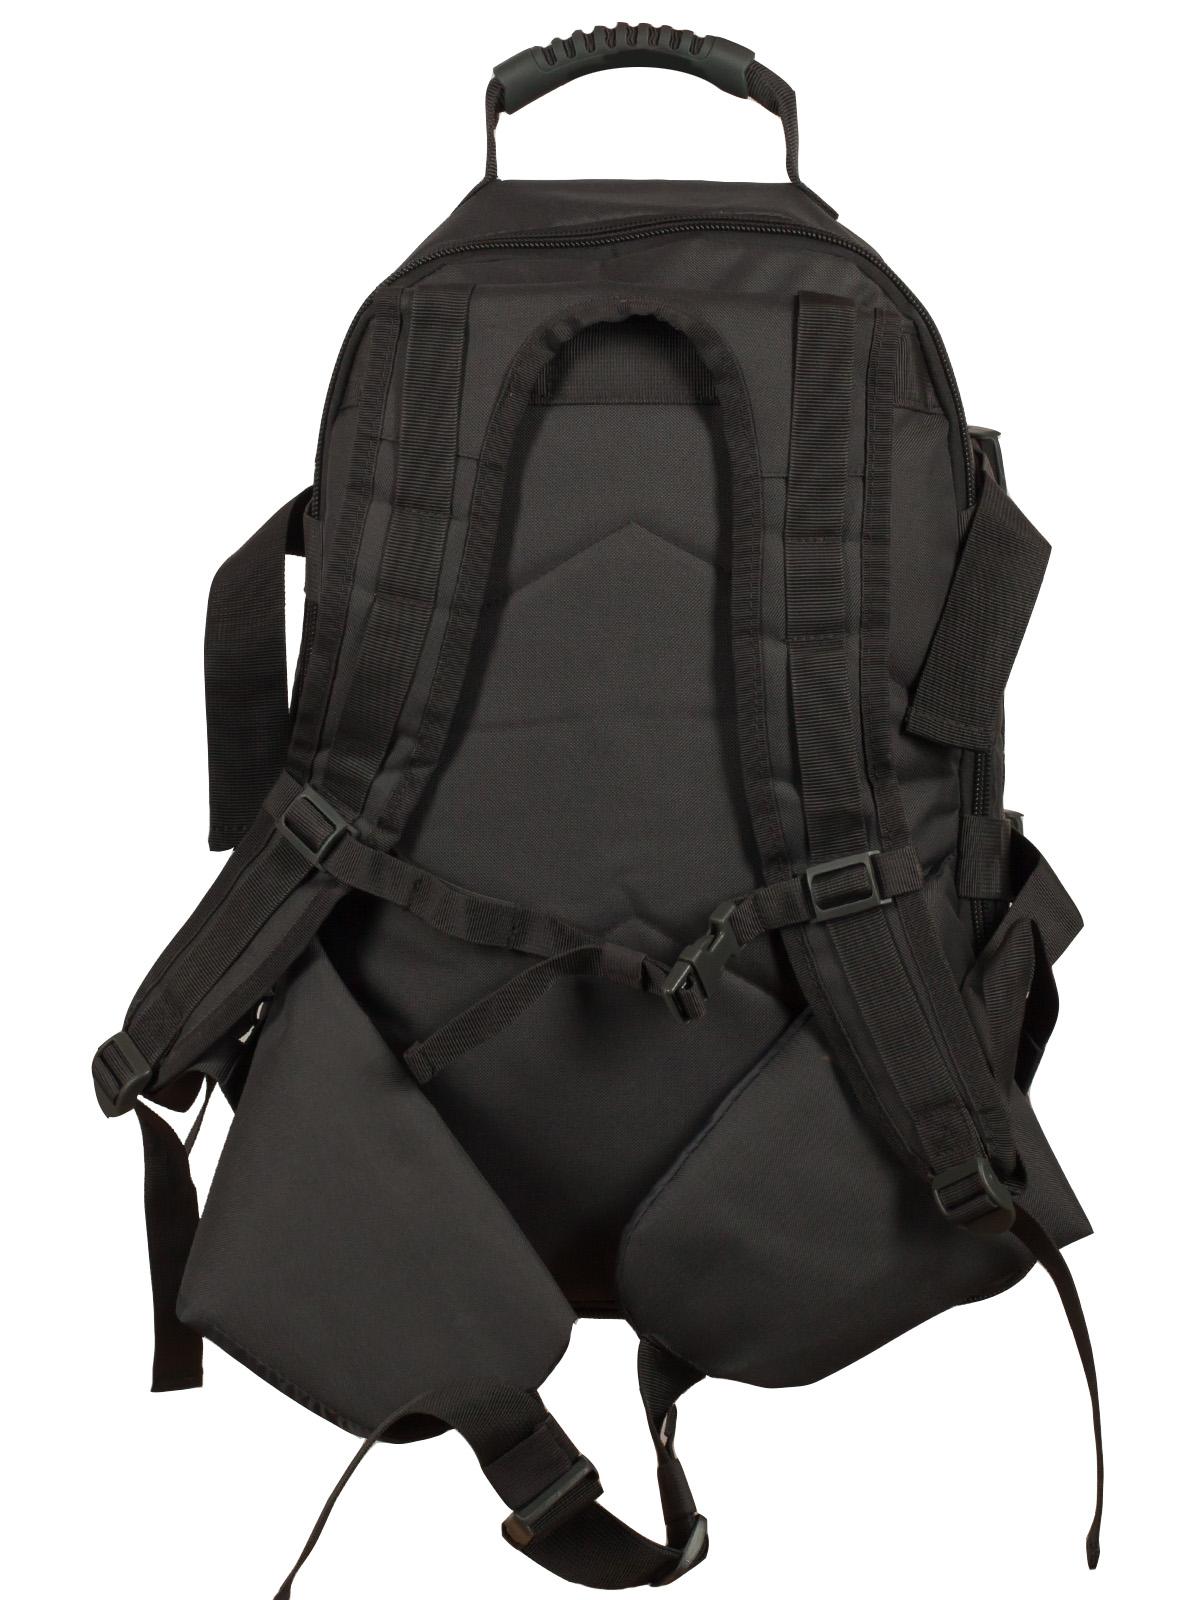 Мужской универсальный рюкзак ДПС - заказать в подарок